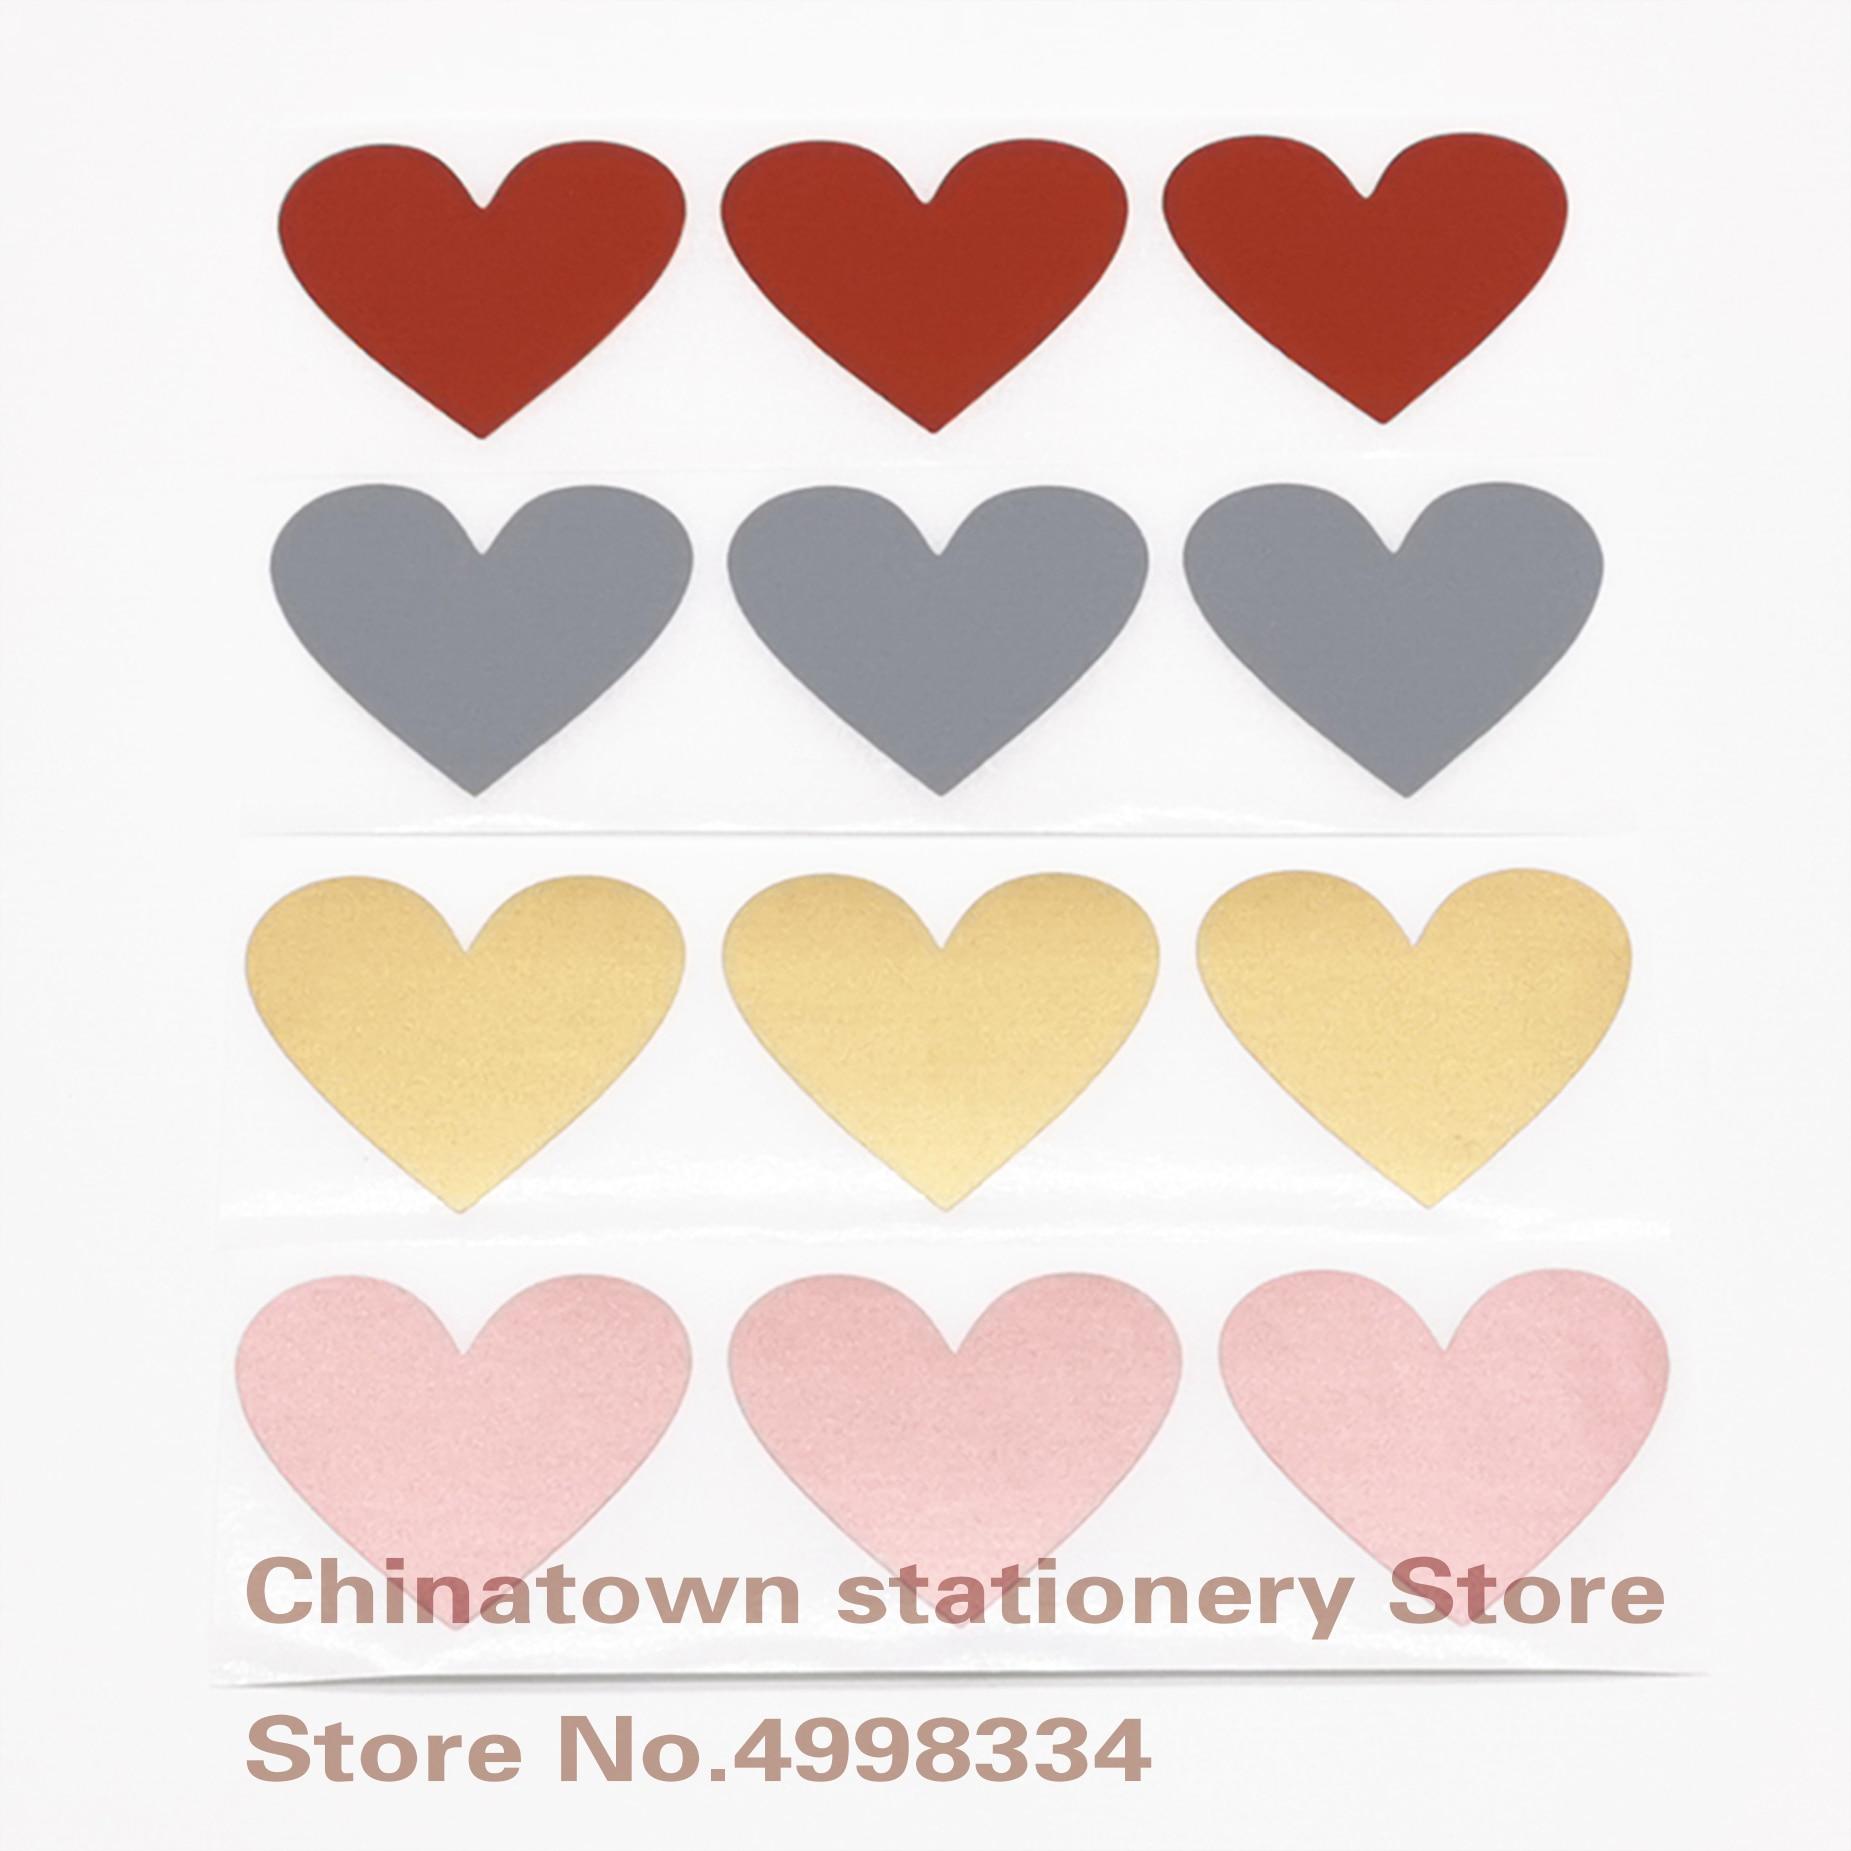 100pcs-scratch-off-adesivi-30x35mm-amore-a-forma-di-cuore-rosd-oro-di-colore-bianco-per-il-codice-segreto-della-copertura-casa-gioco-da-sposa-messaggio